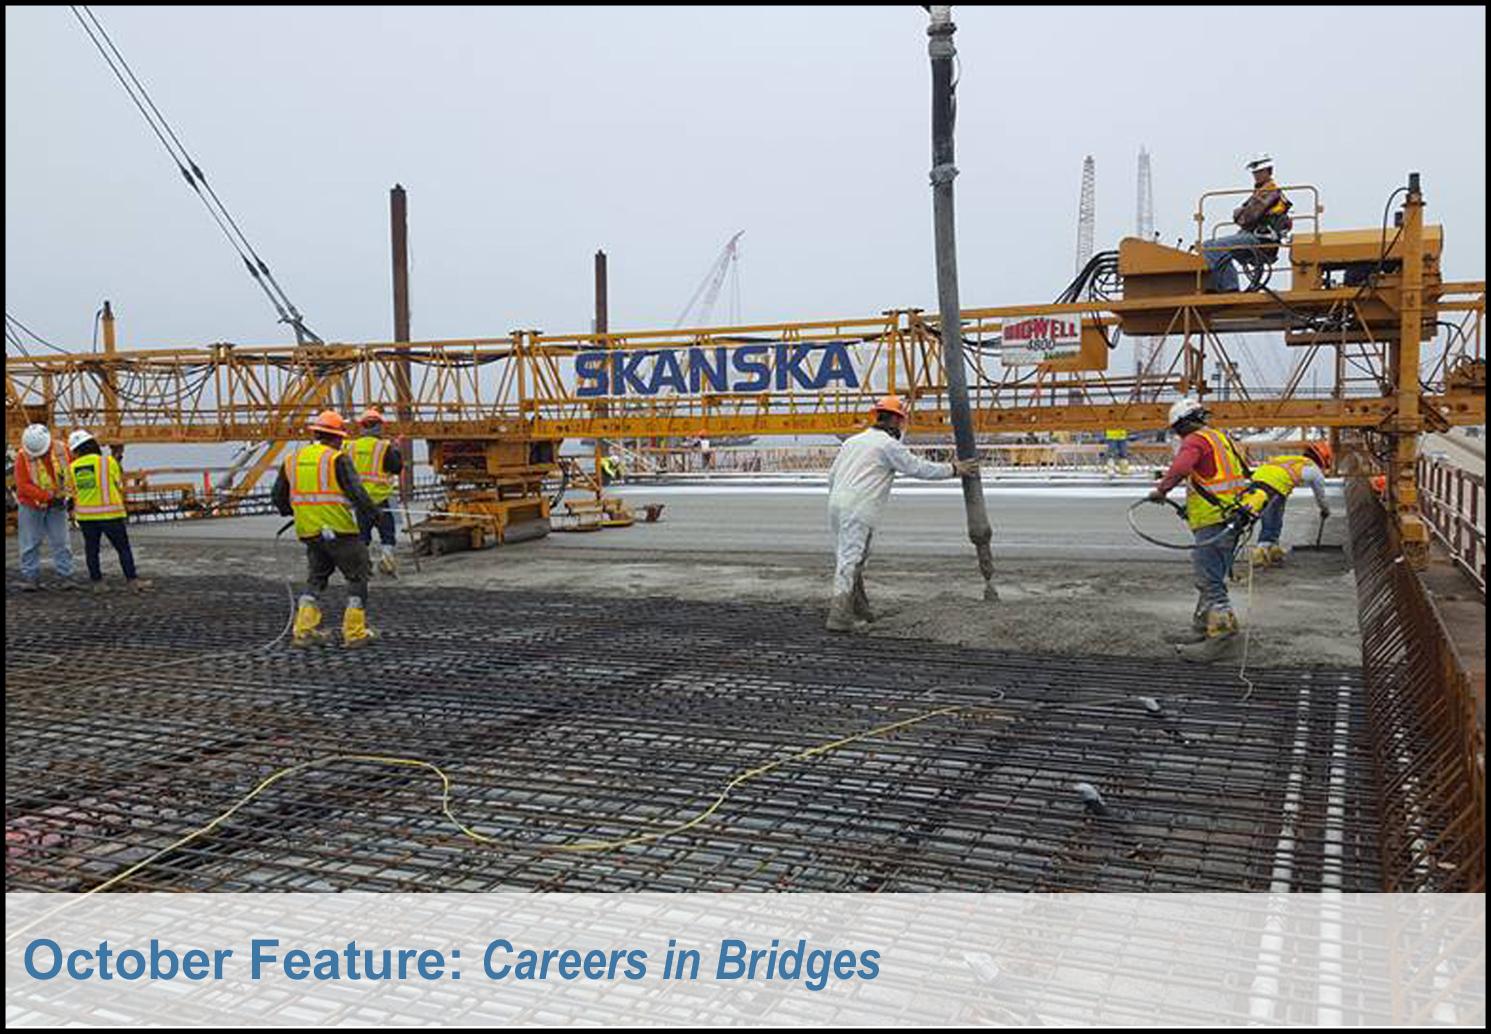 October Feature: Careers in Bridges